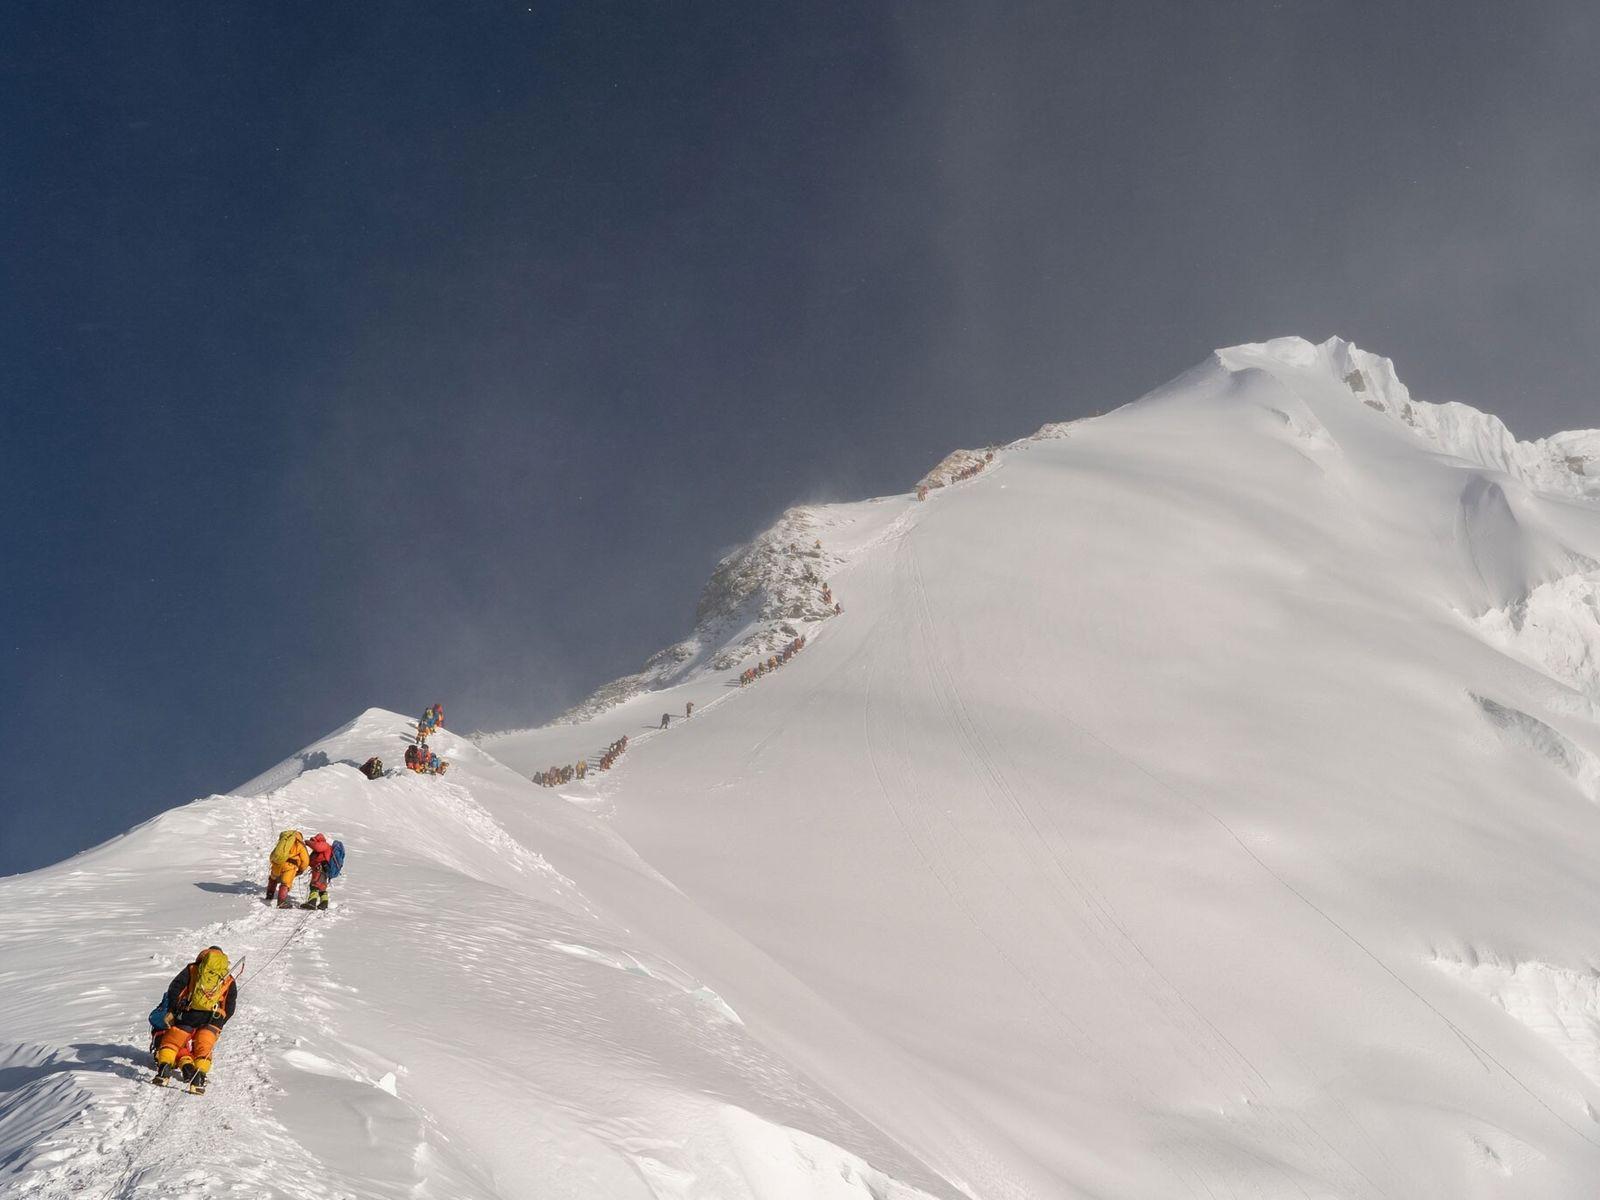 Alpinistas aguardando na fila para acessar o pico do Monte Everest em maio de 2019. A ...